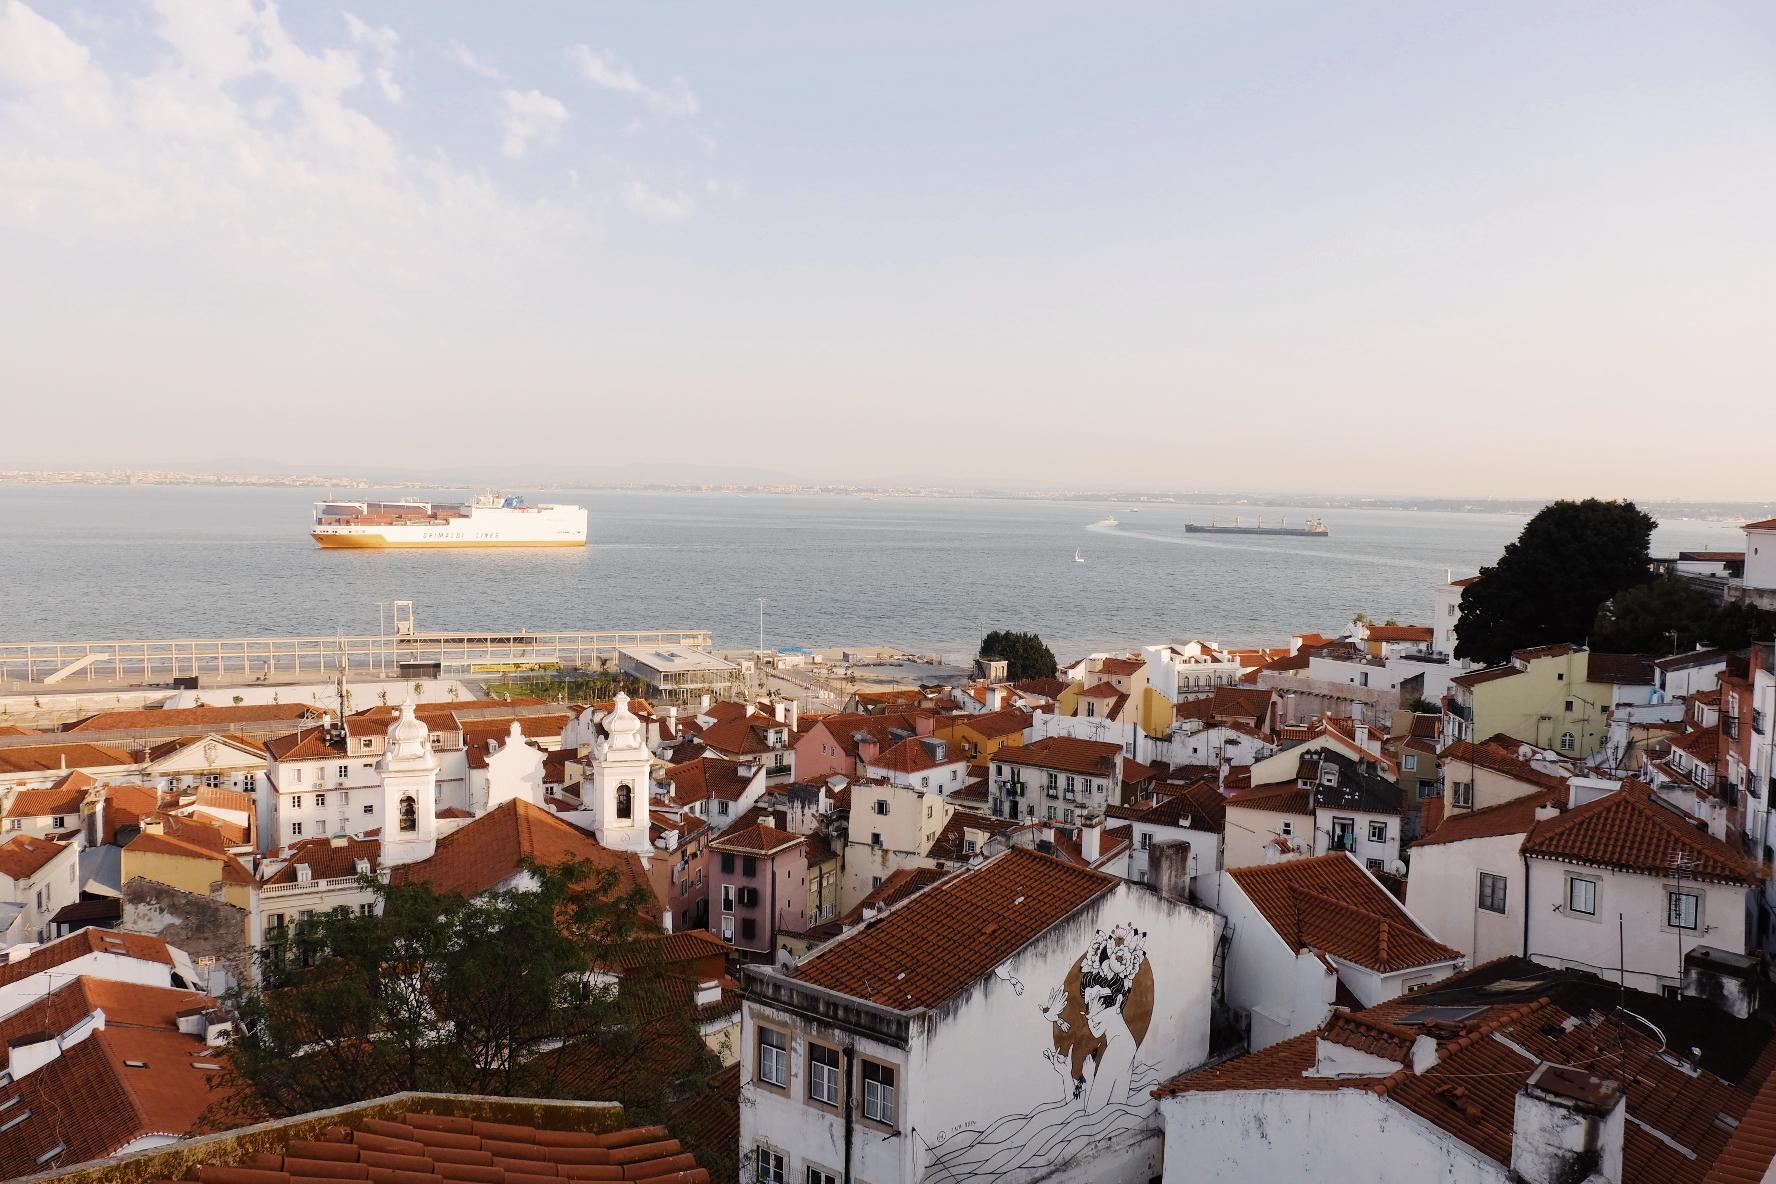 Portugal Quinze jours de roadtrip en van et en famille à travers la région de l'Algarve, le parc naturel Alentejano et la Costa Vicentina, Lisbonne et le parc naturel de Sintra-Cascais